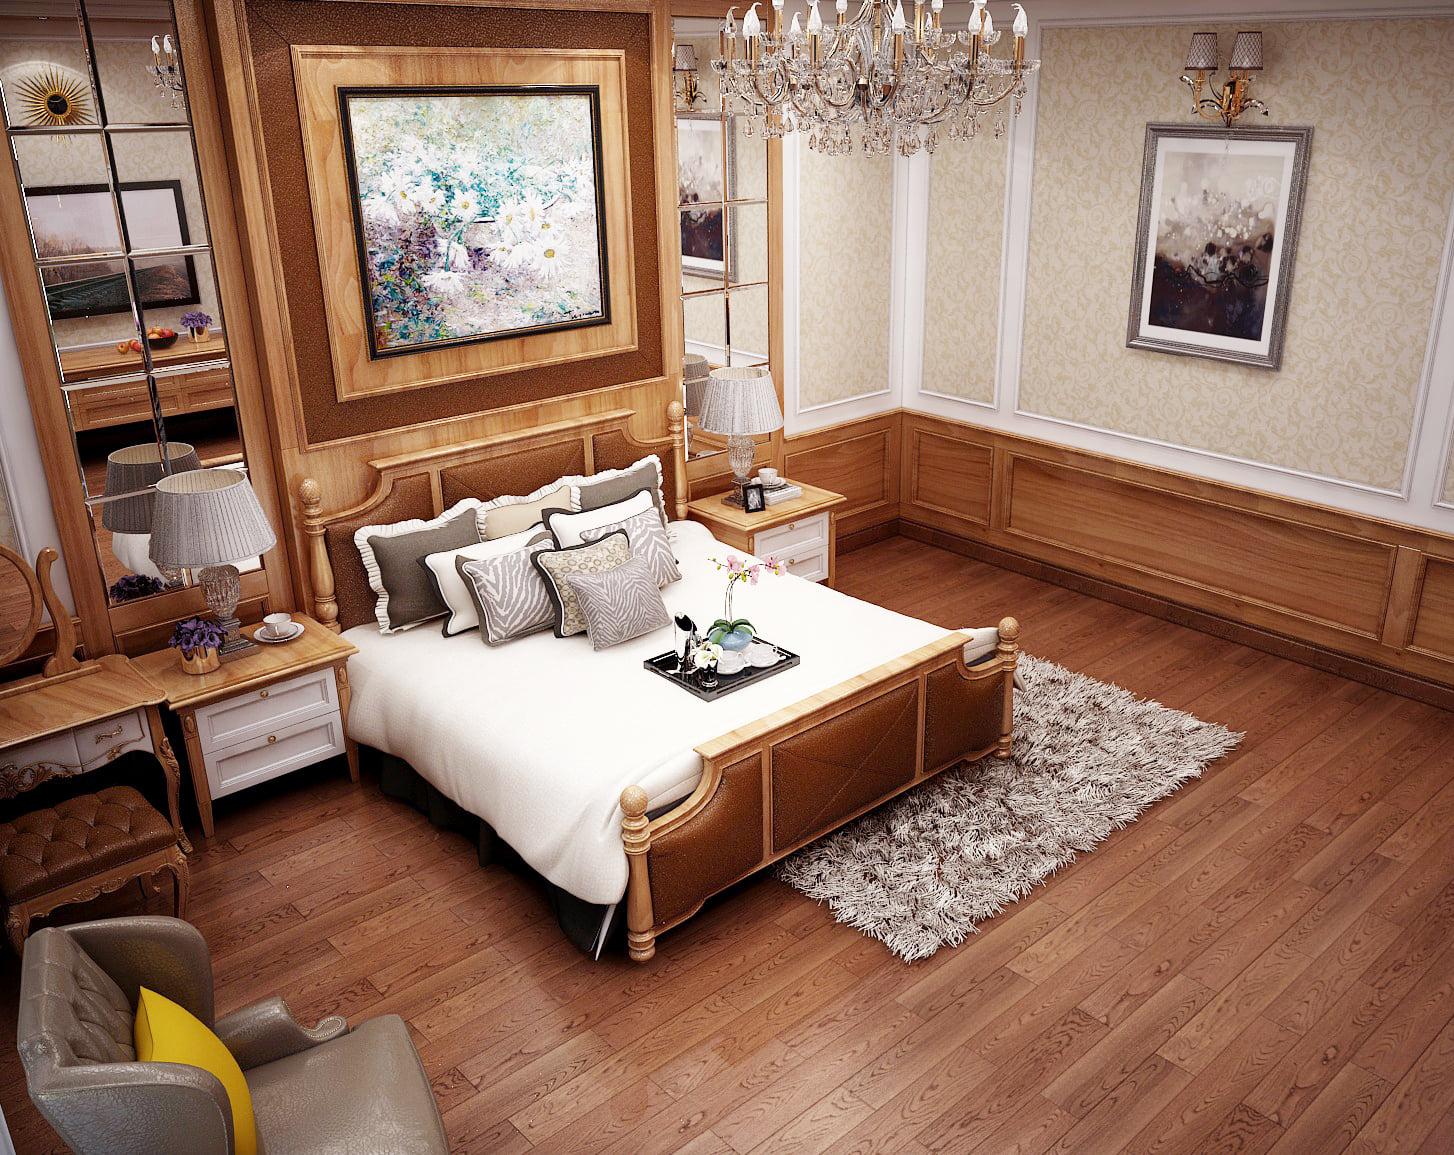 Xu hướng thiết kế nội thất phòng ngủ kết hợp giữa gỗ công nghiệp và gỗ tự nhiên